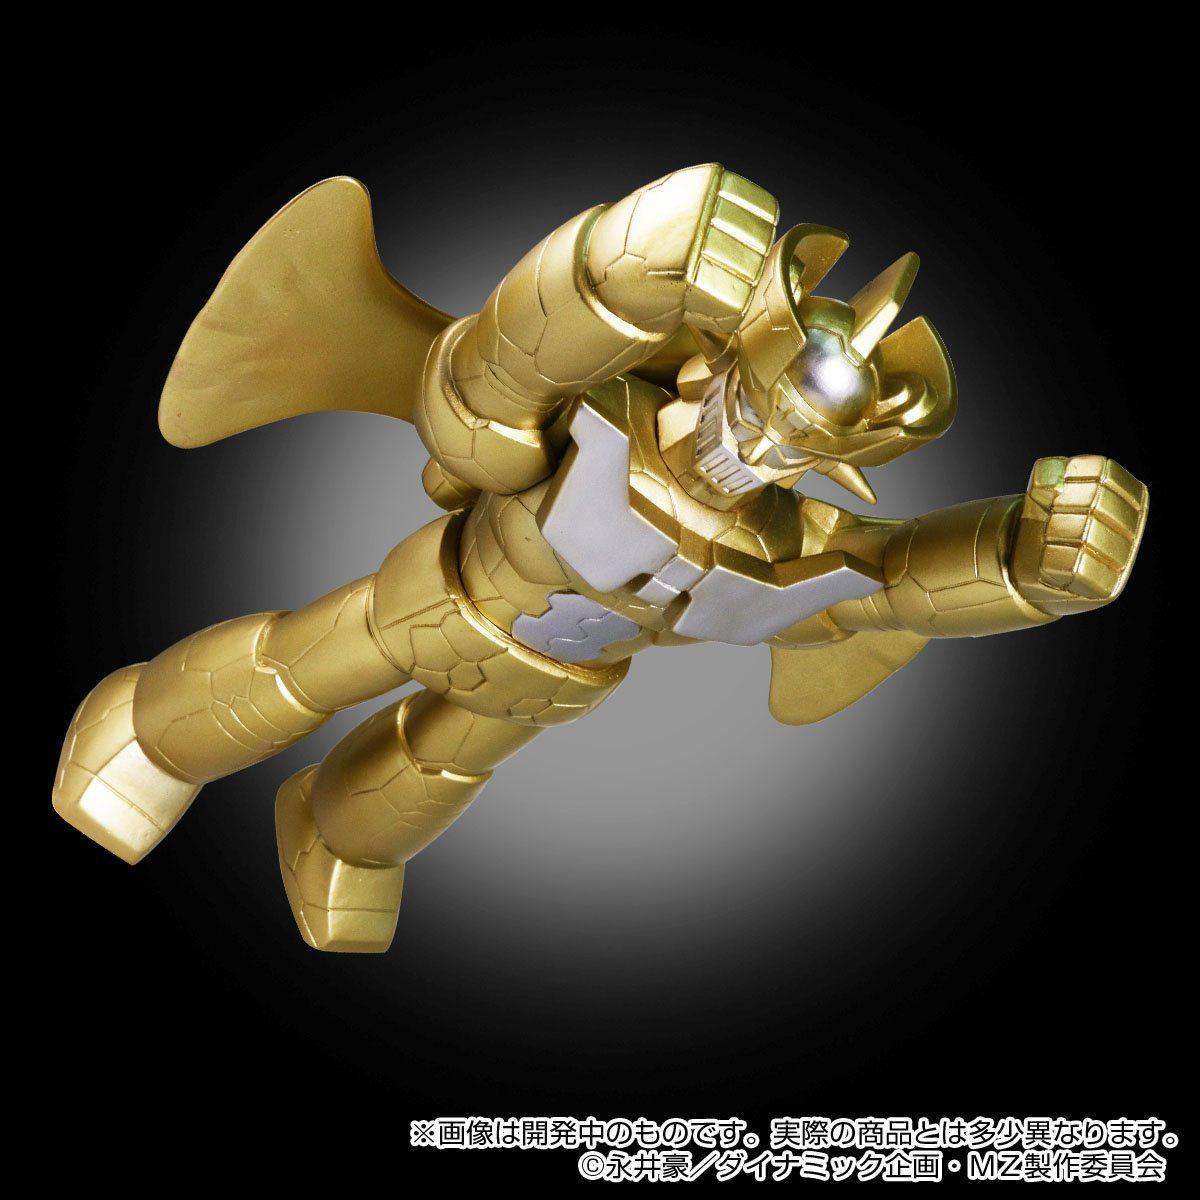 ブルマァクソフビ『マジンガーZ INFINITY ジェットスクランダー付〔ゴールドVer.〕』ソフビ・フィギュア-005